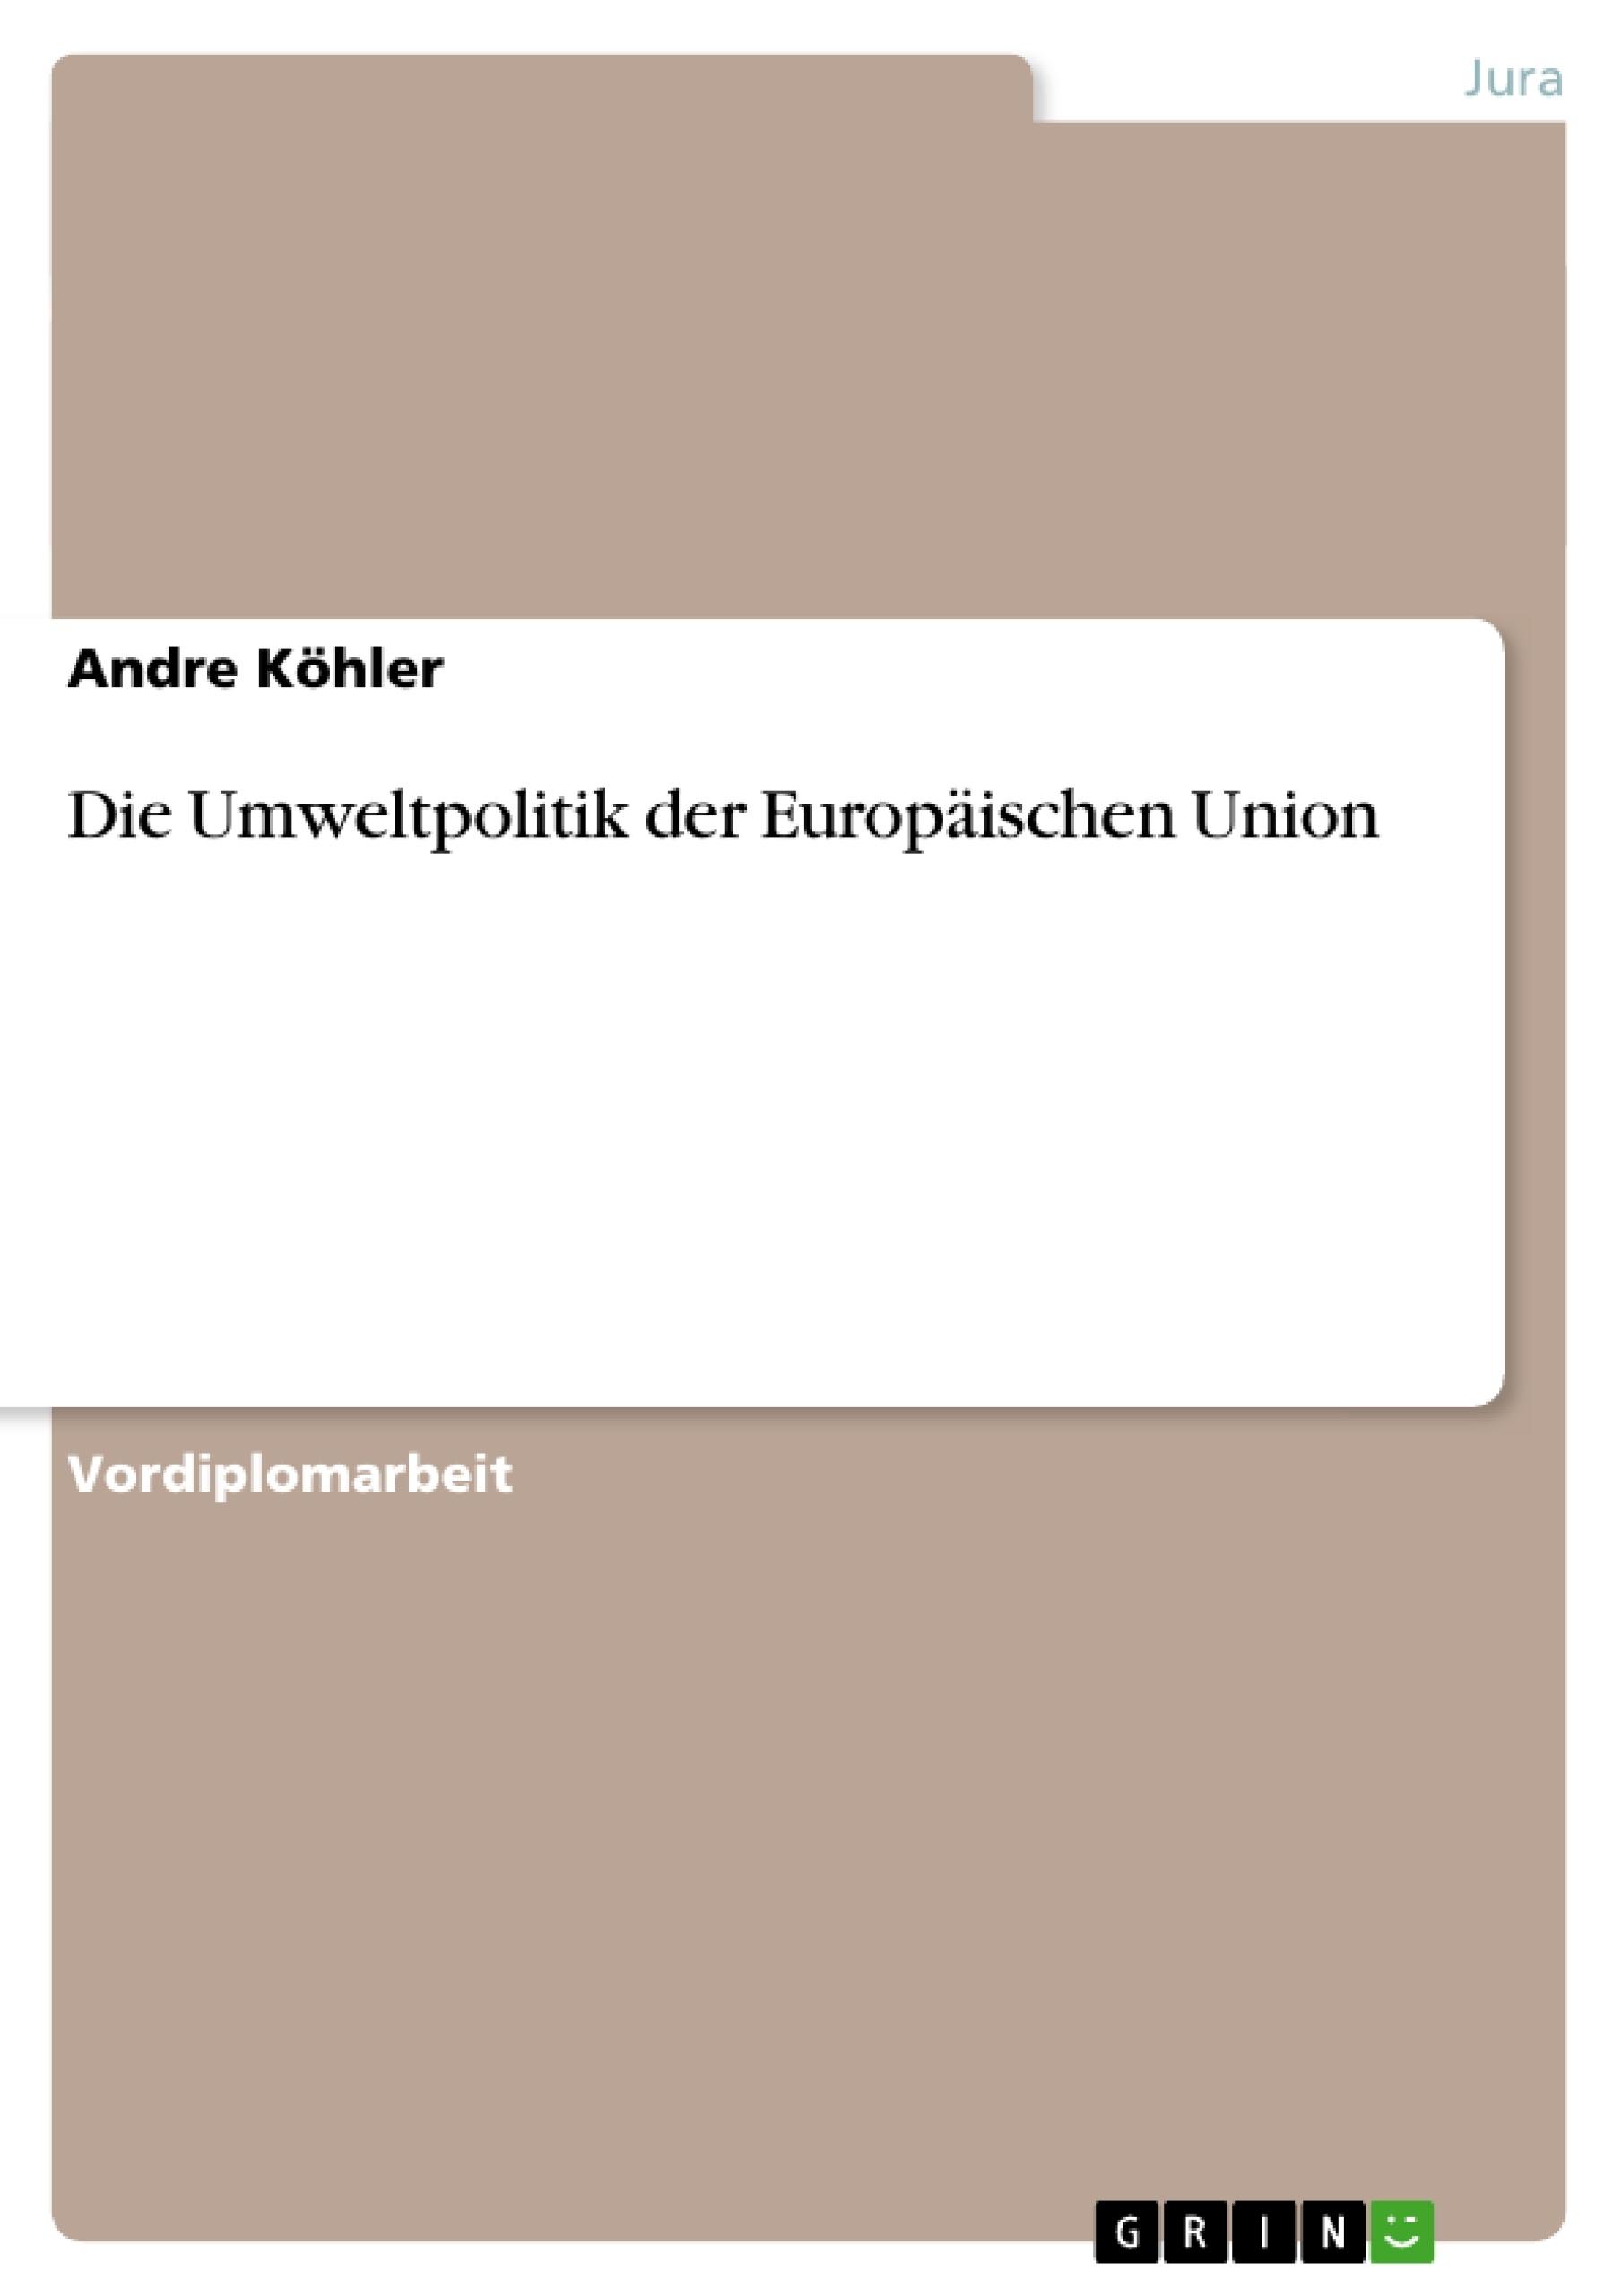 Titel: Die Umweltpolitik der Europäischen Union